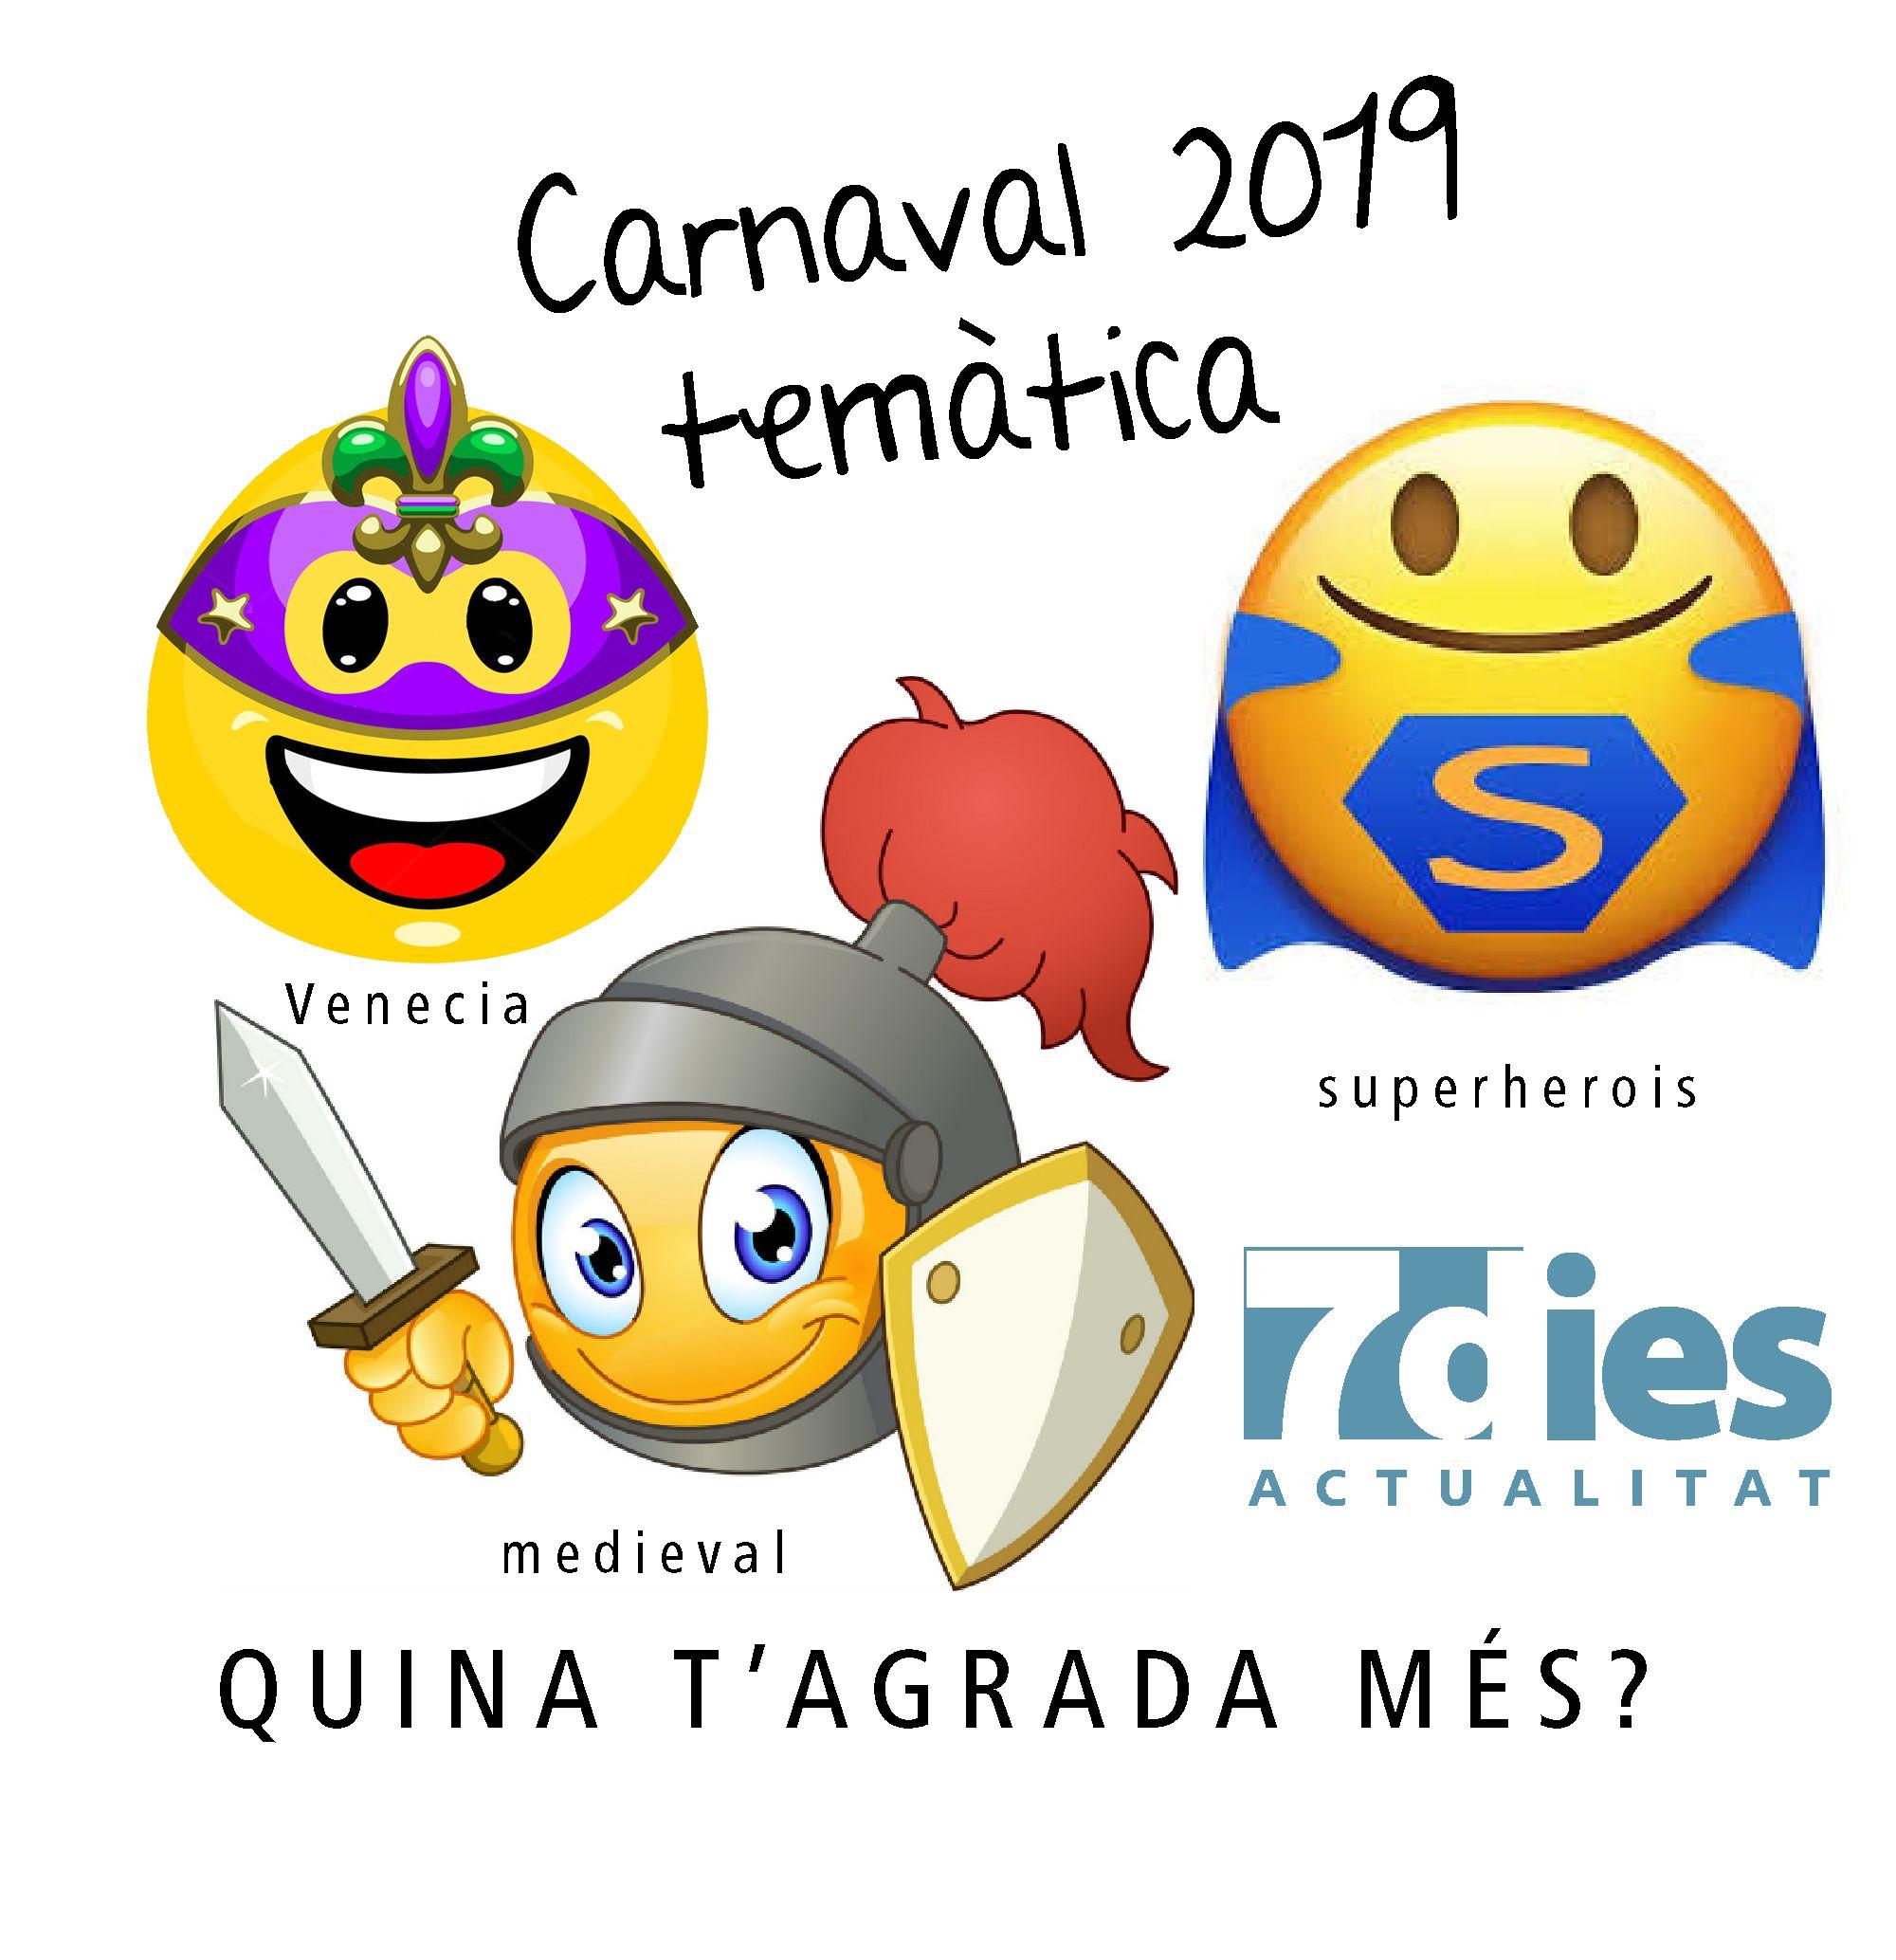 carnaval tematica vinaros